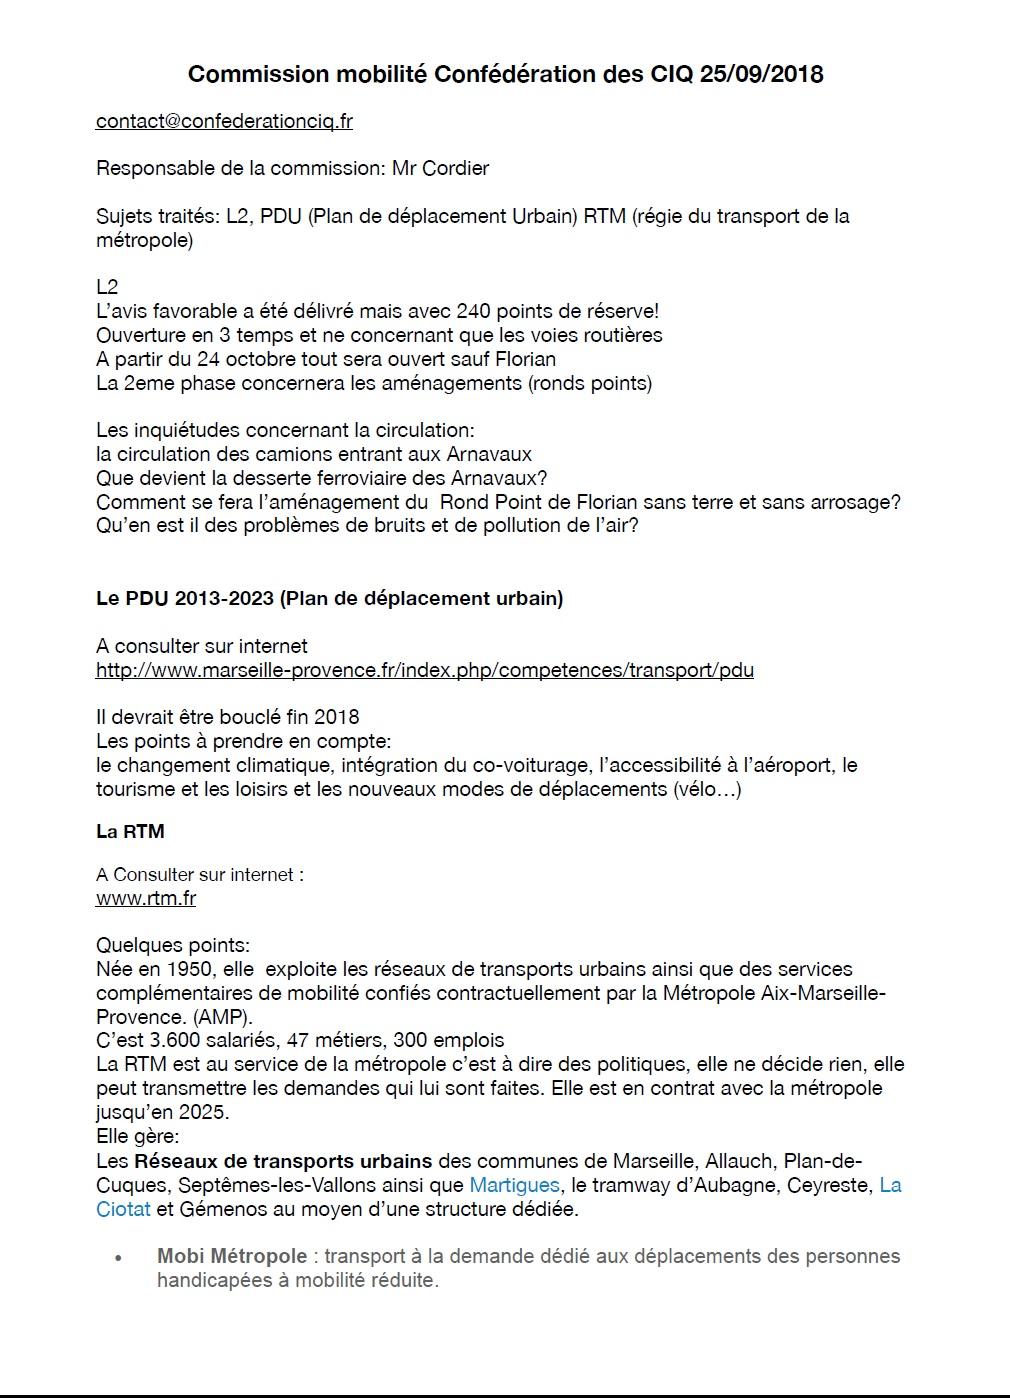 CR 25.09 Mobilité Confédération M G 1